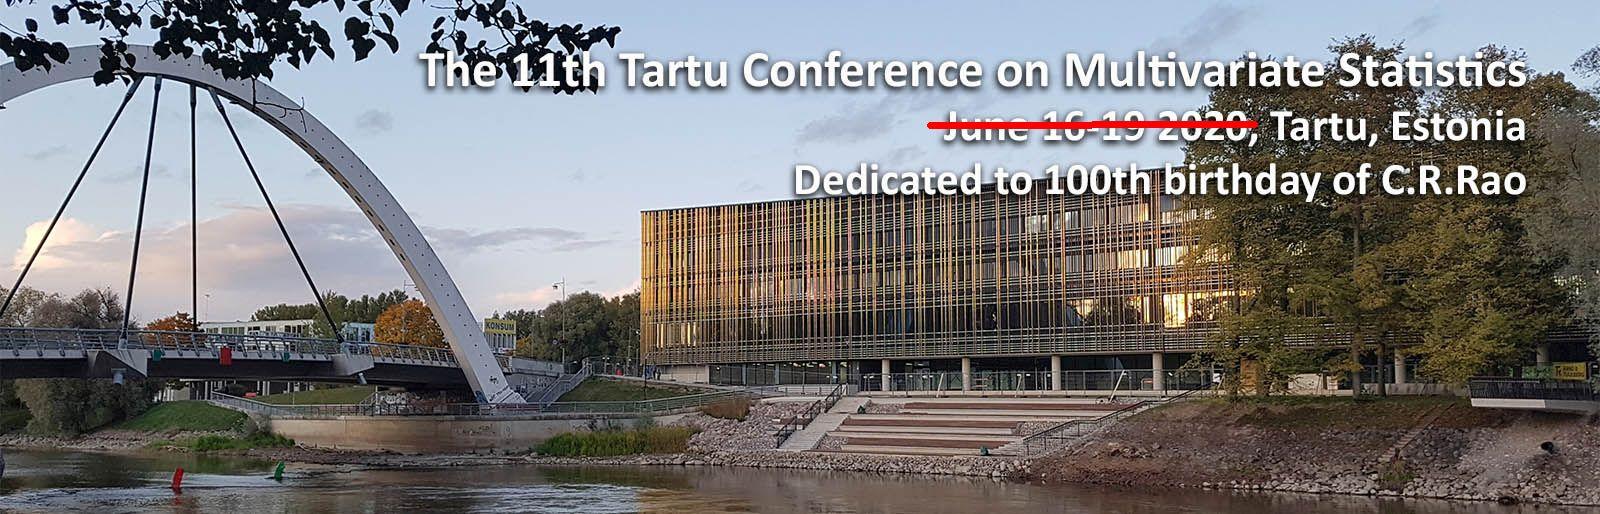 Tartu Multivariate Conference Banner